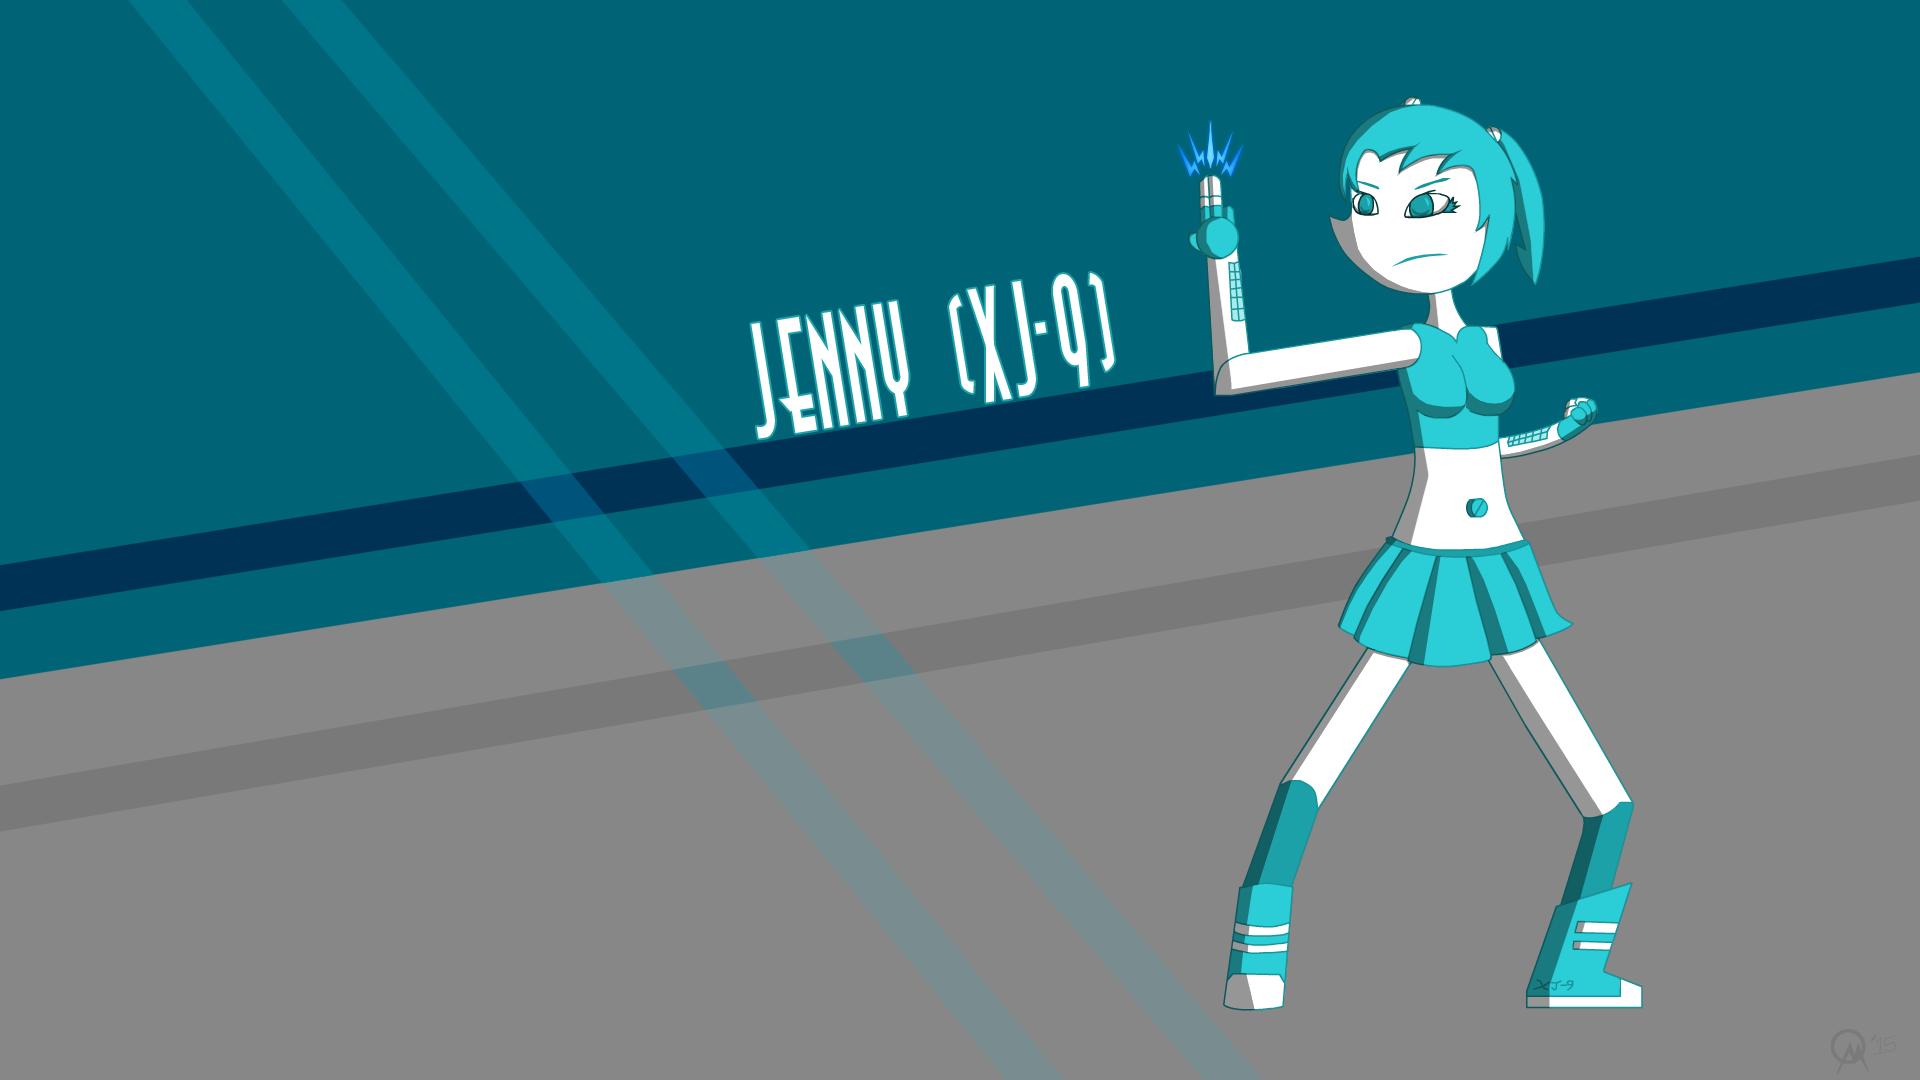 Jenny Xj 9 By Mace121 On Newgrounds